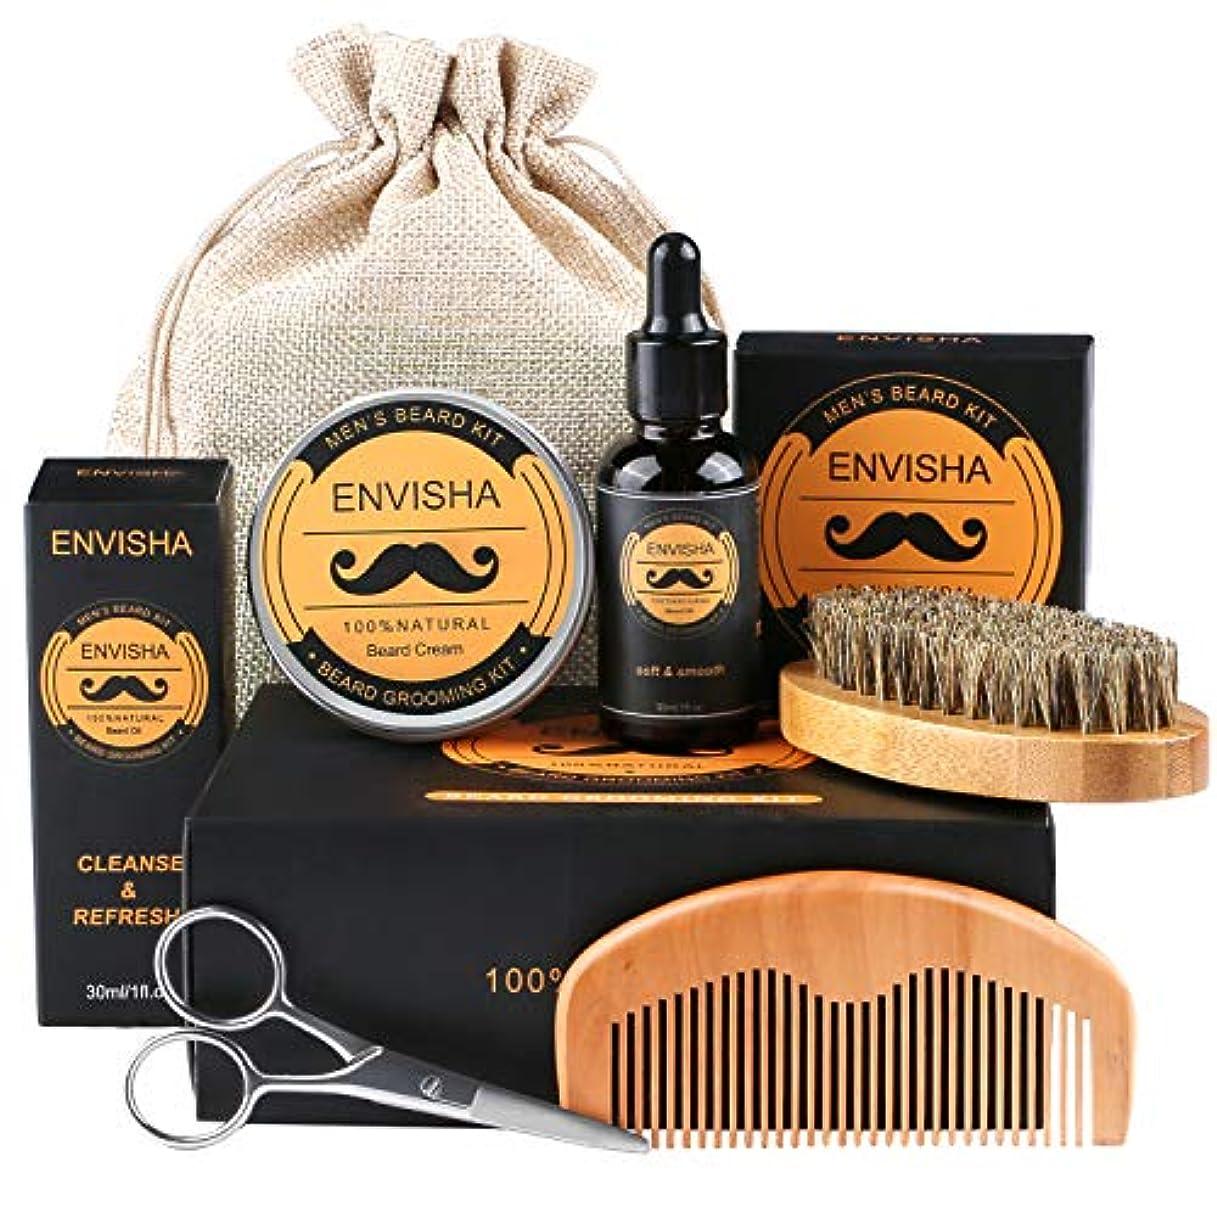 カート拡声器チャンピオンシップBeard Kit、Fixget Beard Care Kit(無料のひげの手入れとトリミングキット付き)100%のイノシシのひげのブラシ、木のひげの櫛、ひげ、男性のための口ひげのはさみお父さん夫